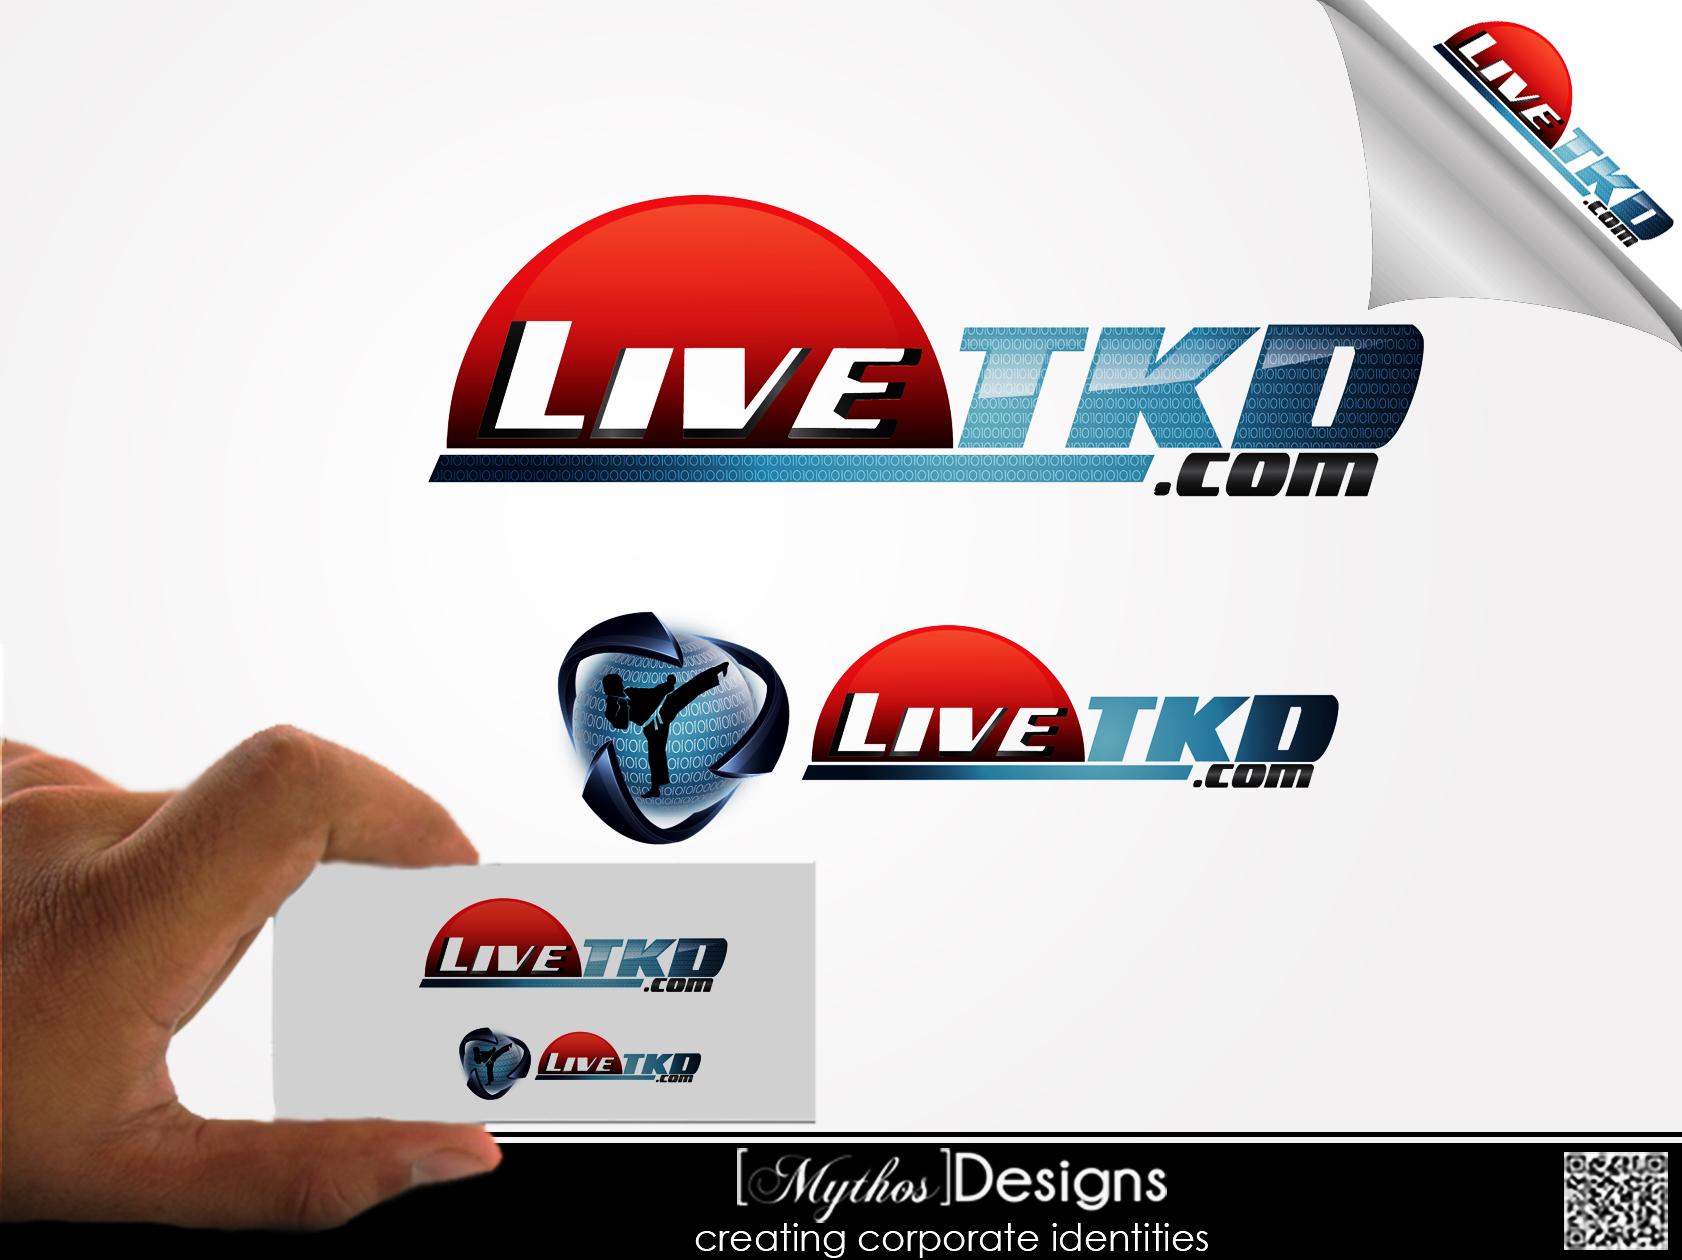 Logo Design by Mythos Designs - Entry No. 150 in the Logo Design Contest New Logo Design for LiveTKD.com.